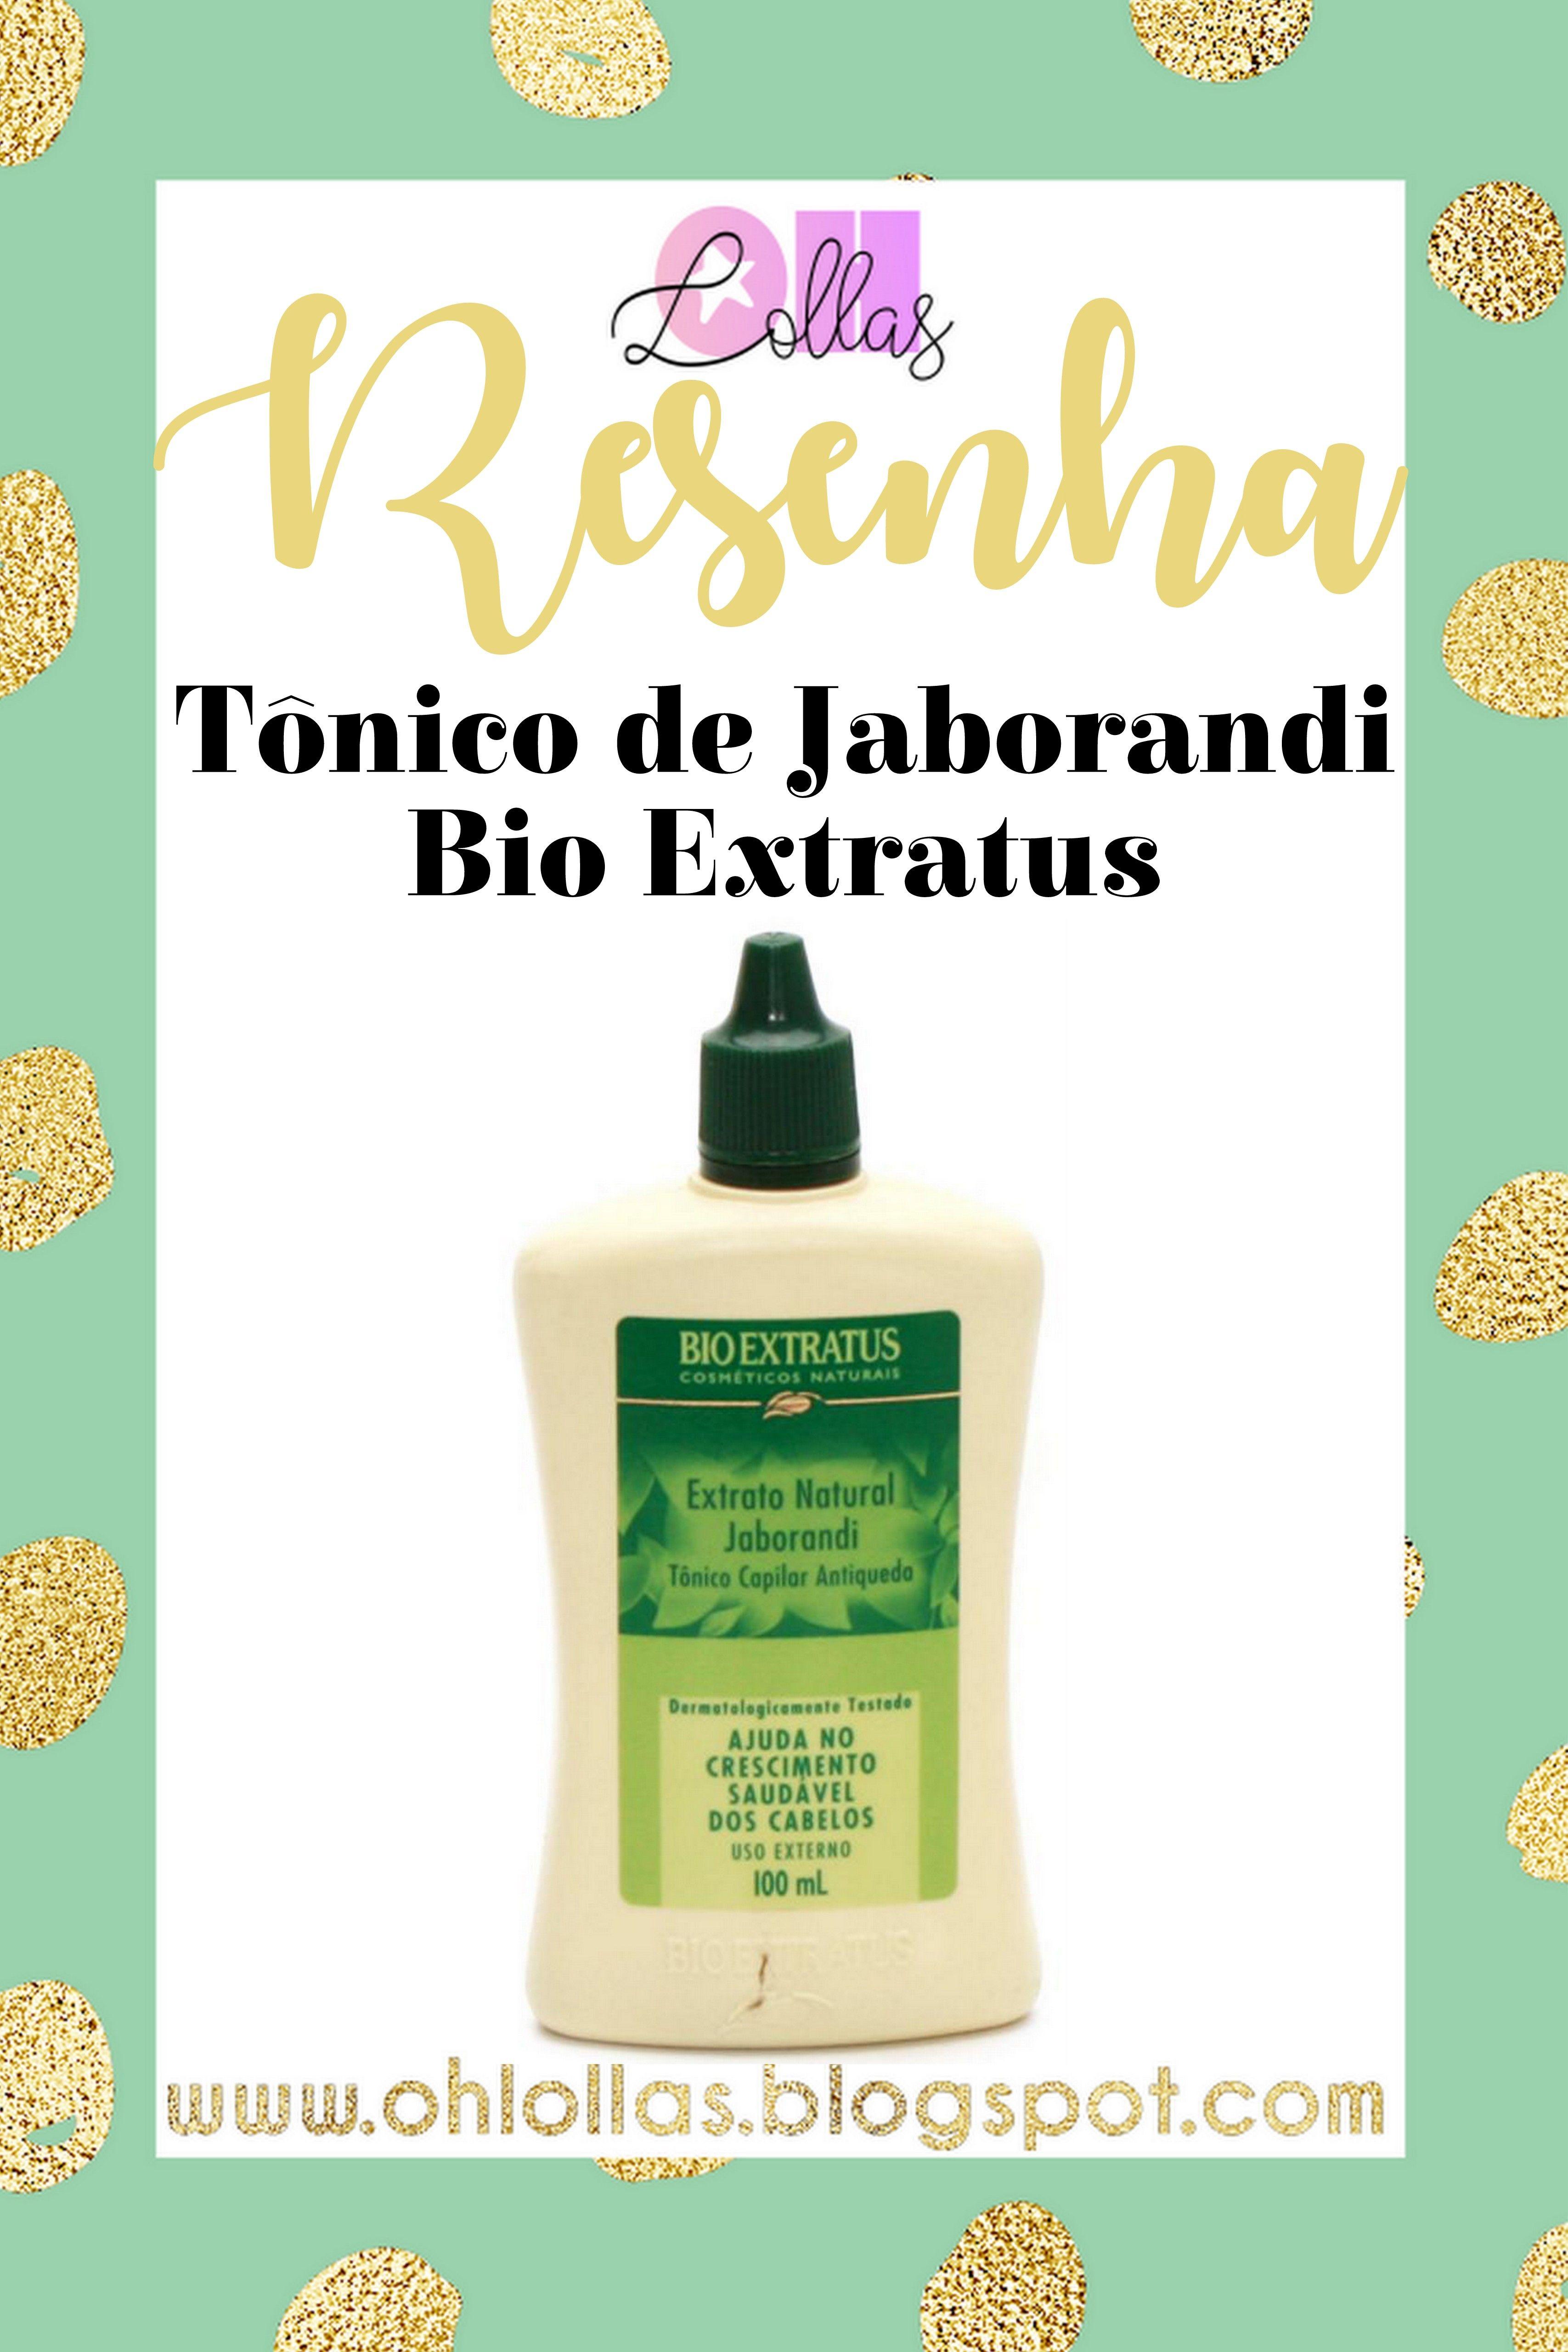 Funciona Tonico Capilar Antiqueda Bio Extratus Tonico Capilar